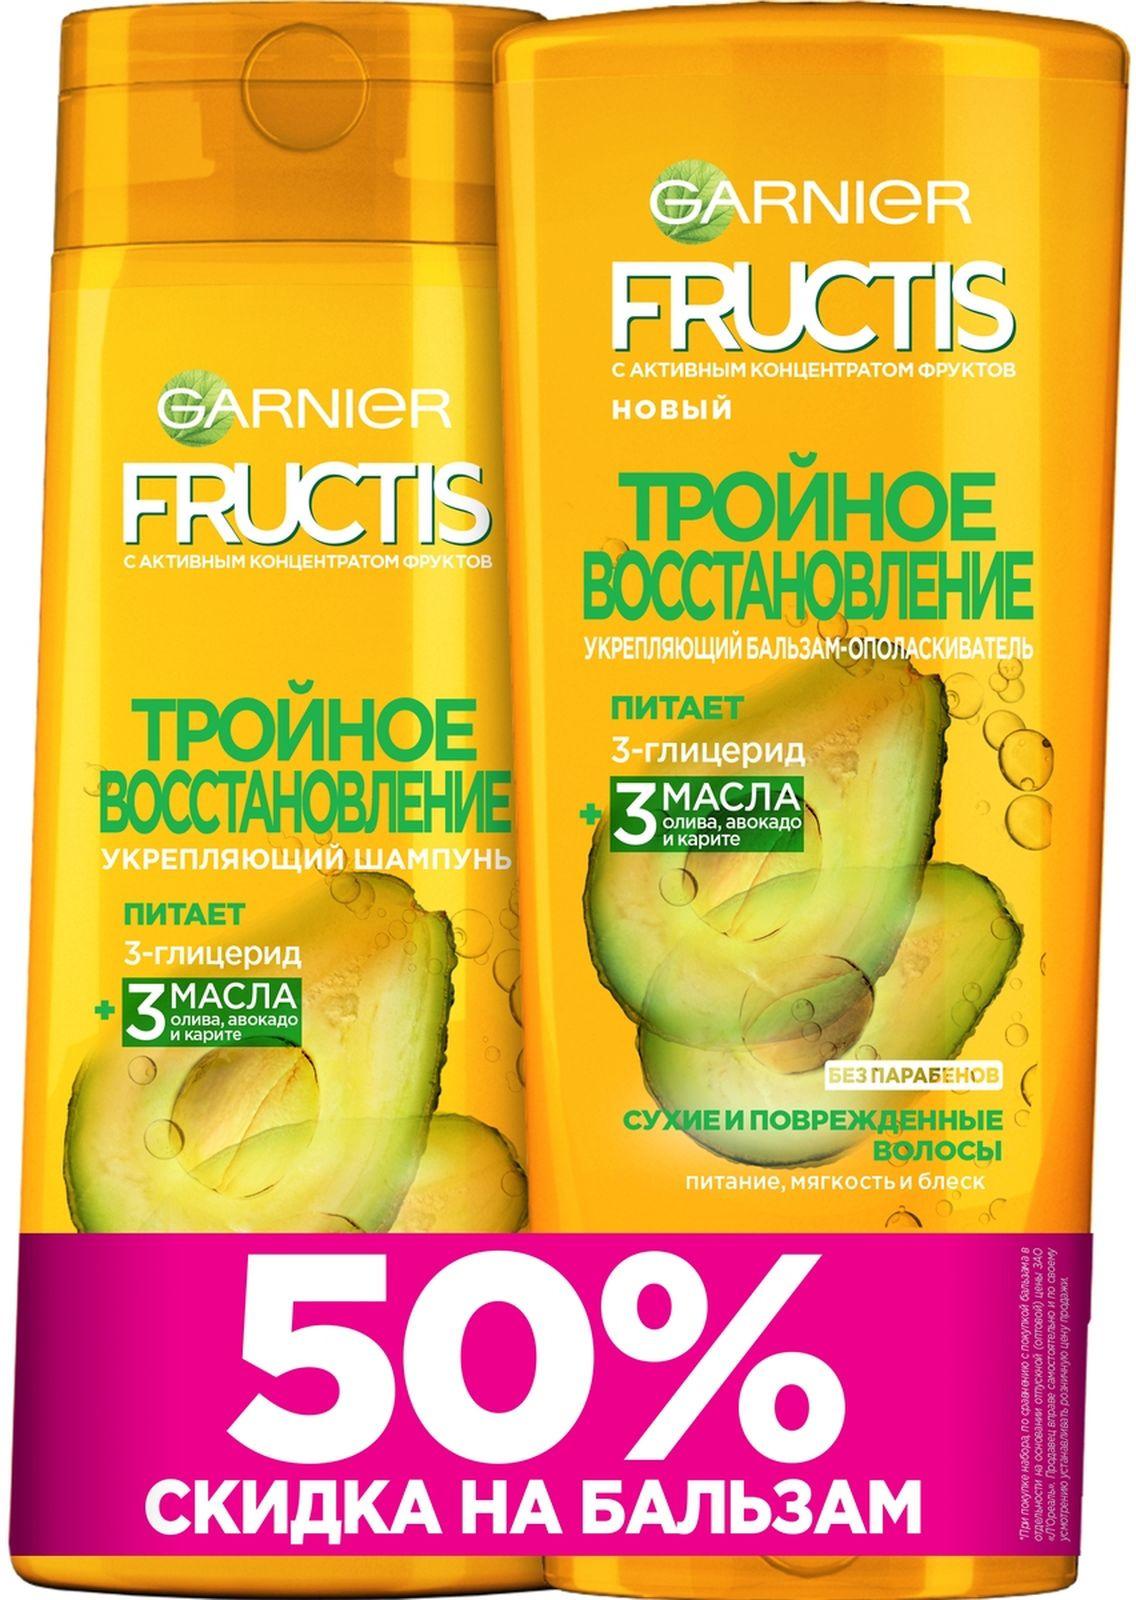 Шампунь Garnier Fructis Тройное Восстановление, для поврежденных и ослабленных волос, 250 мл + бальзам, 200 мл Garnier